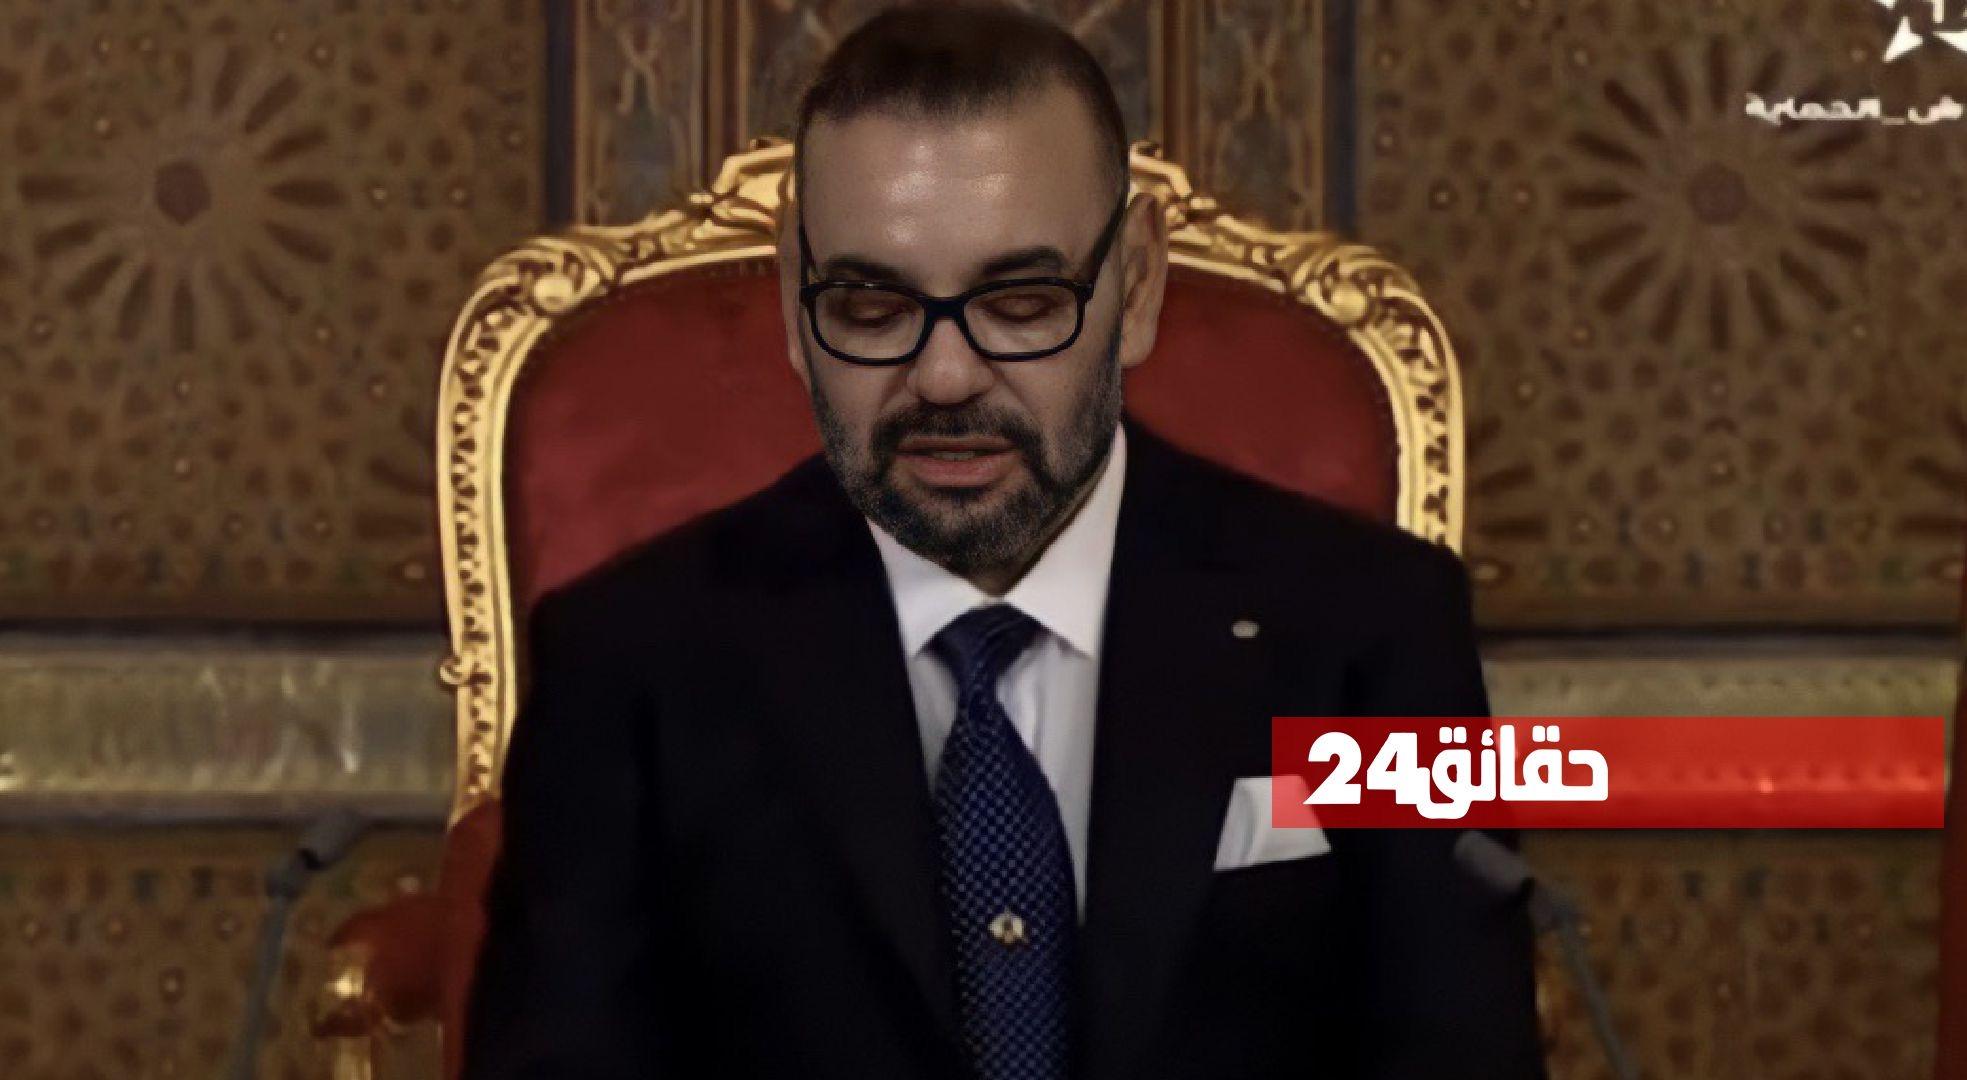 صورة الملك : نؤكد لأشقائنا في الجزائر أن الشر والمشاكل لن تأتيكم من المغرب